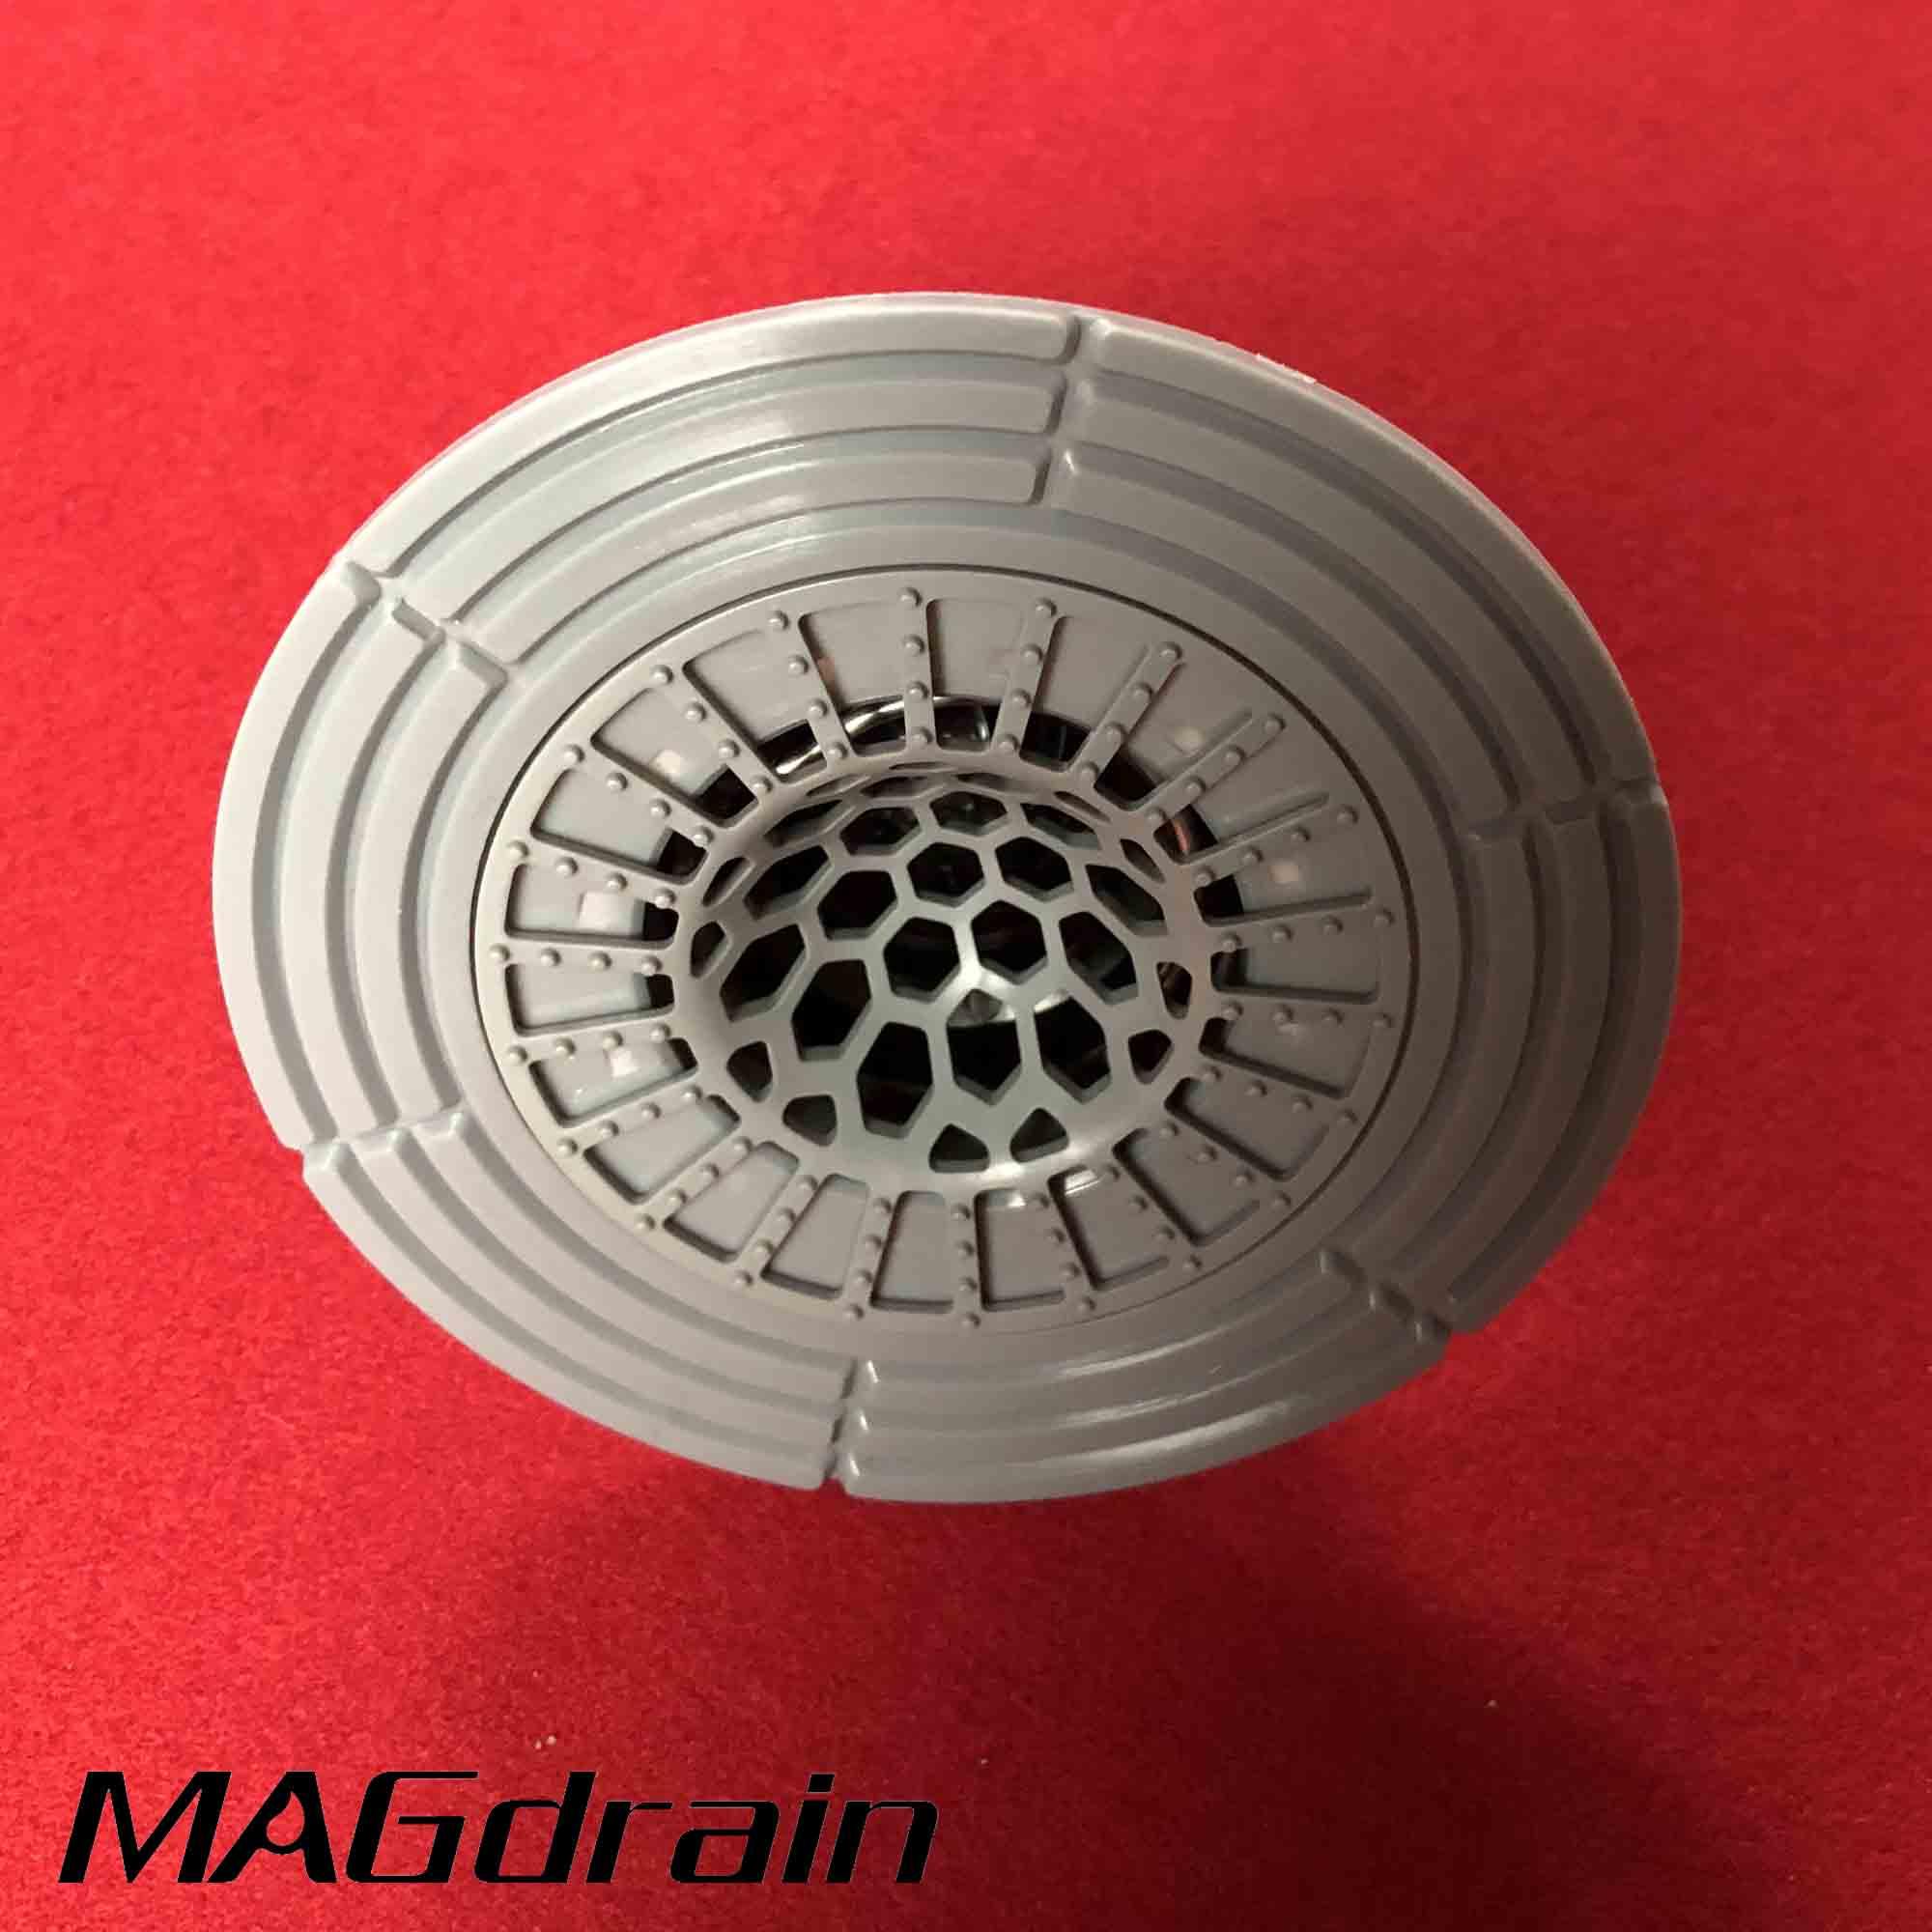 Phụ kiện thoát sàn thay thế MAGdrain Q3-DK2/9